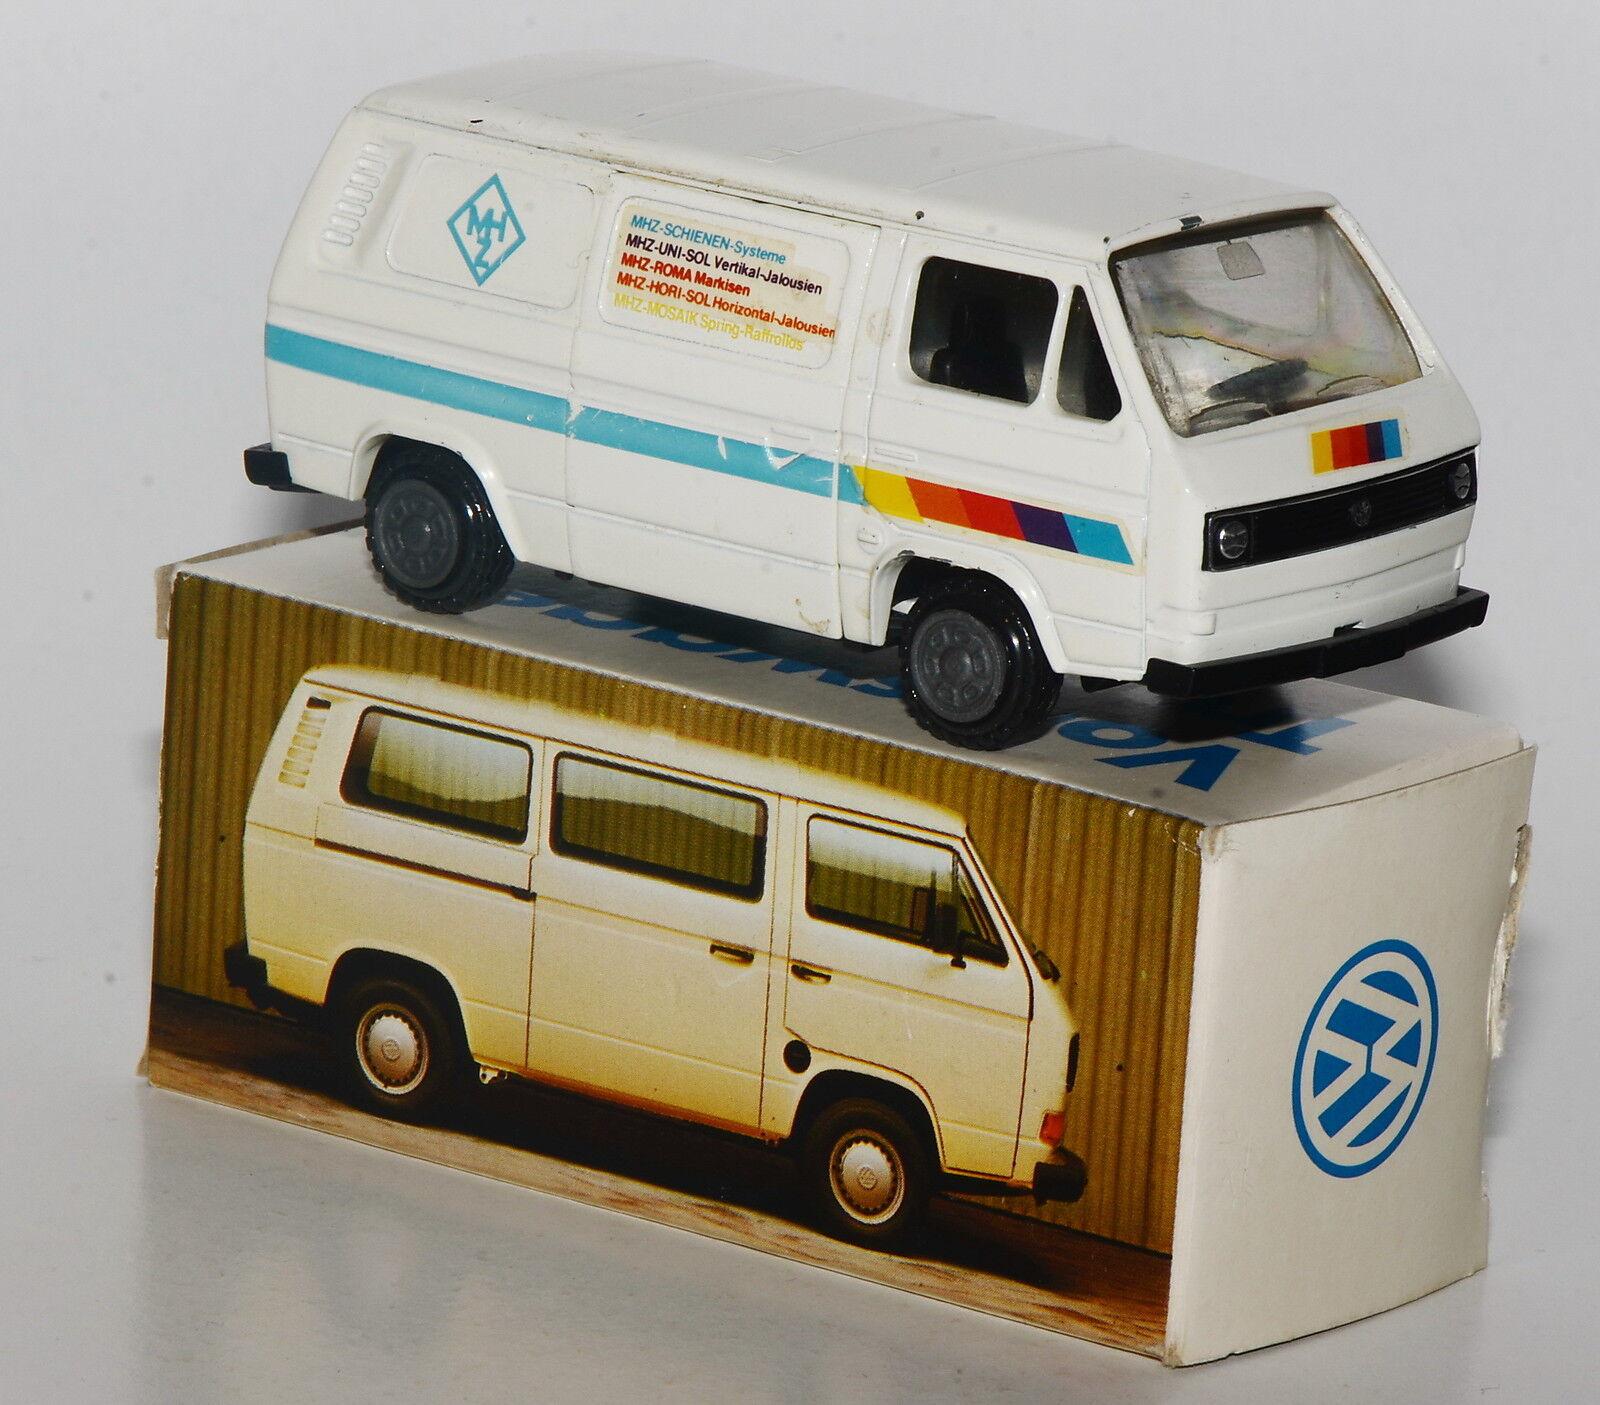 Conrad scale 1 43 - Publicité modèle-vw t3 Transporteur  MHz  dans Volkswagen-werbebox